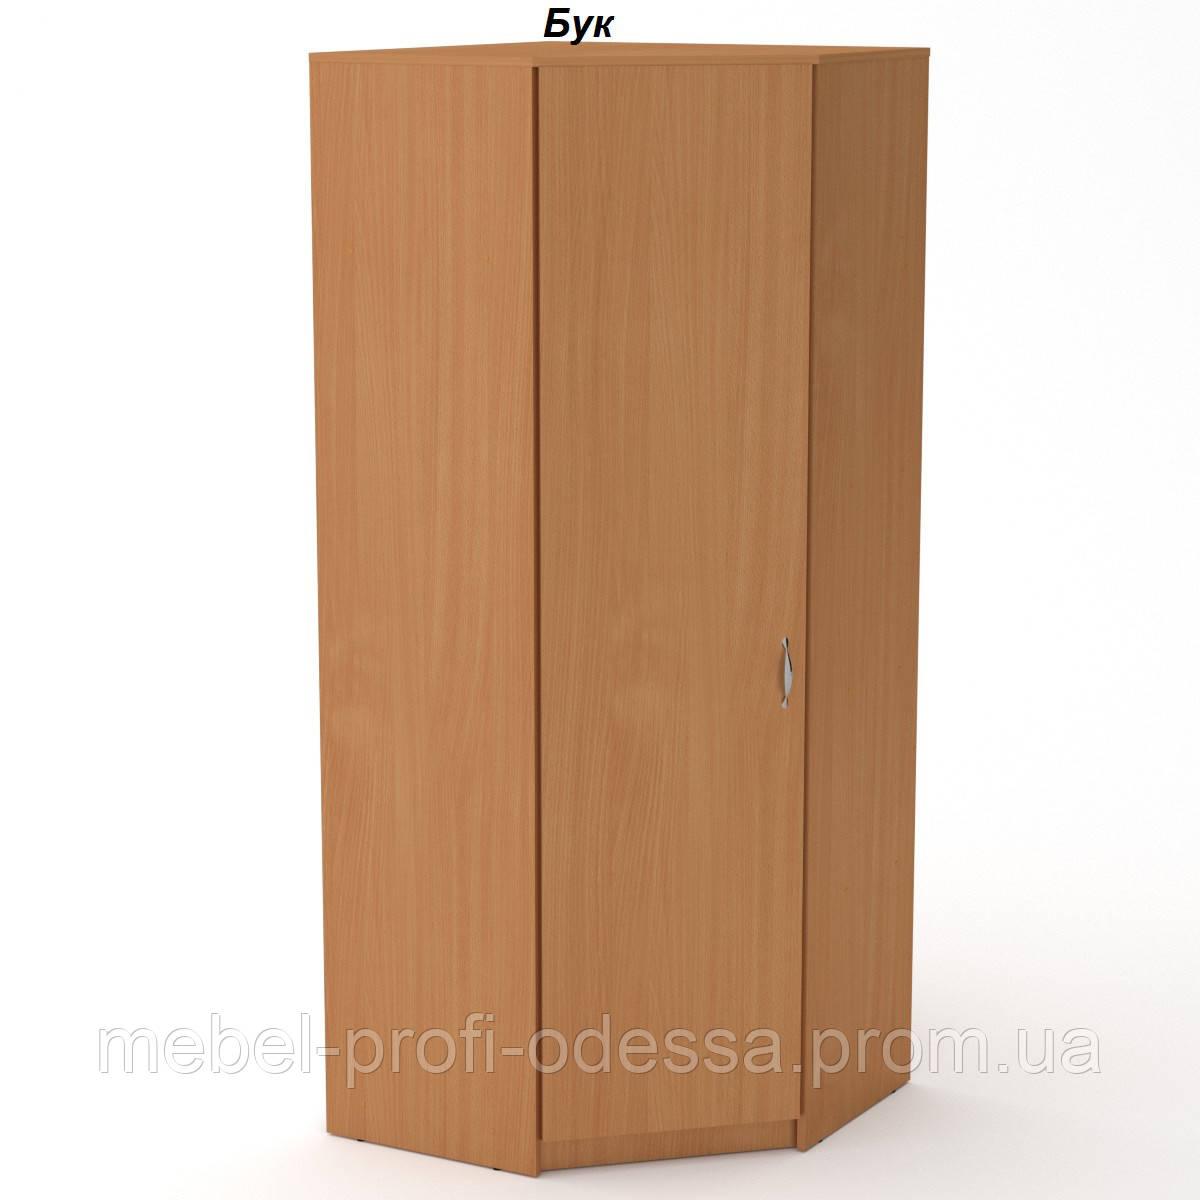 Угловой шкаф 3 У Компанит полочный и платяной отдел